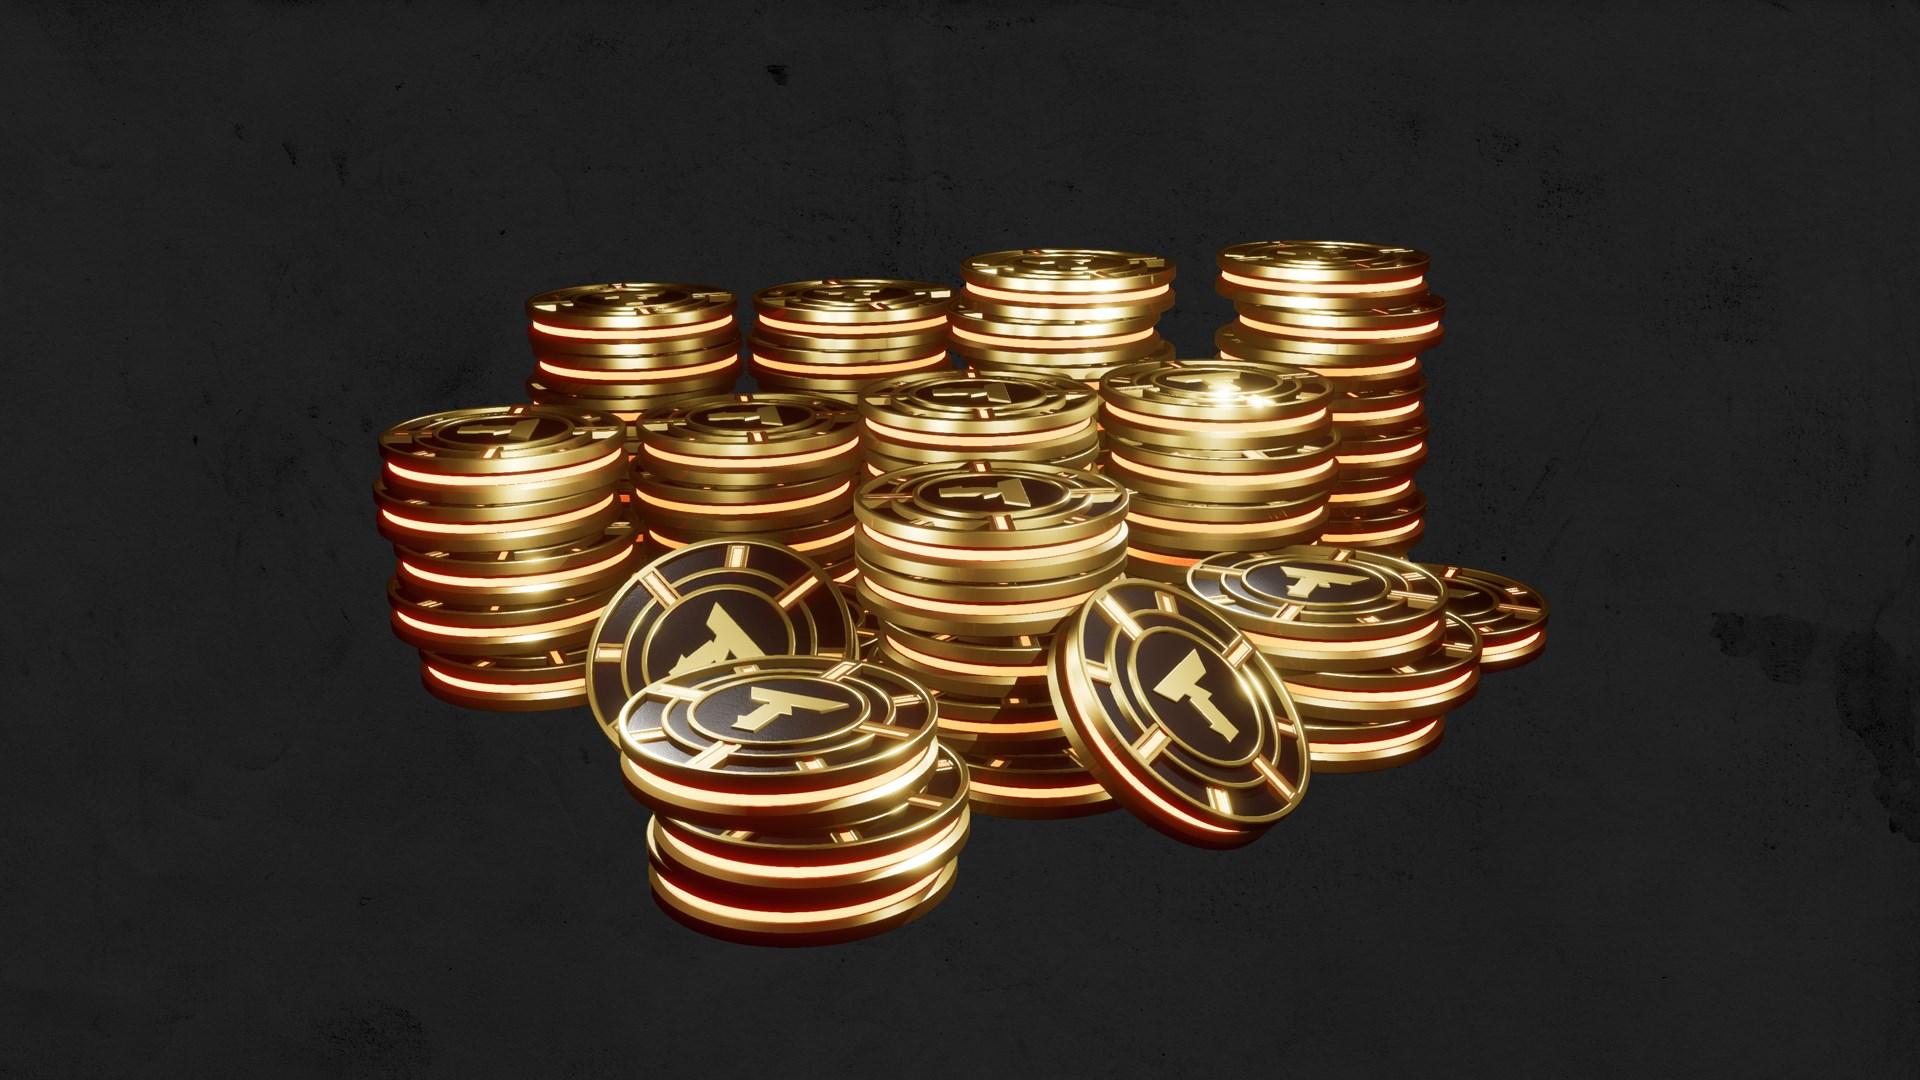 10 000 премиальных жетонов + 3600 (бонус)